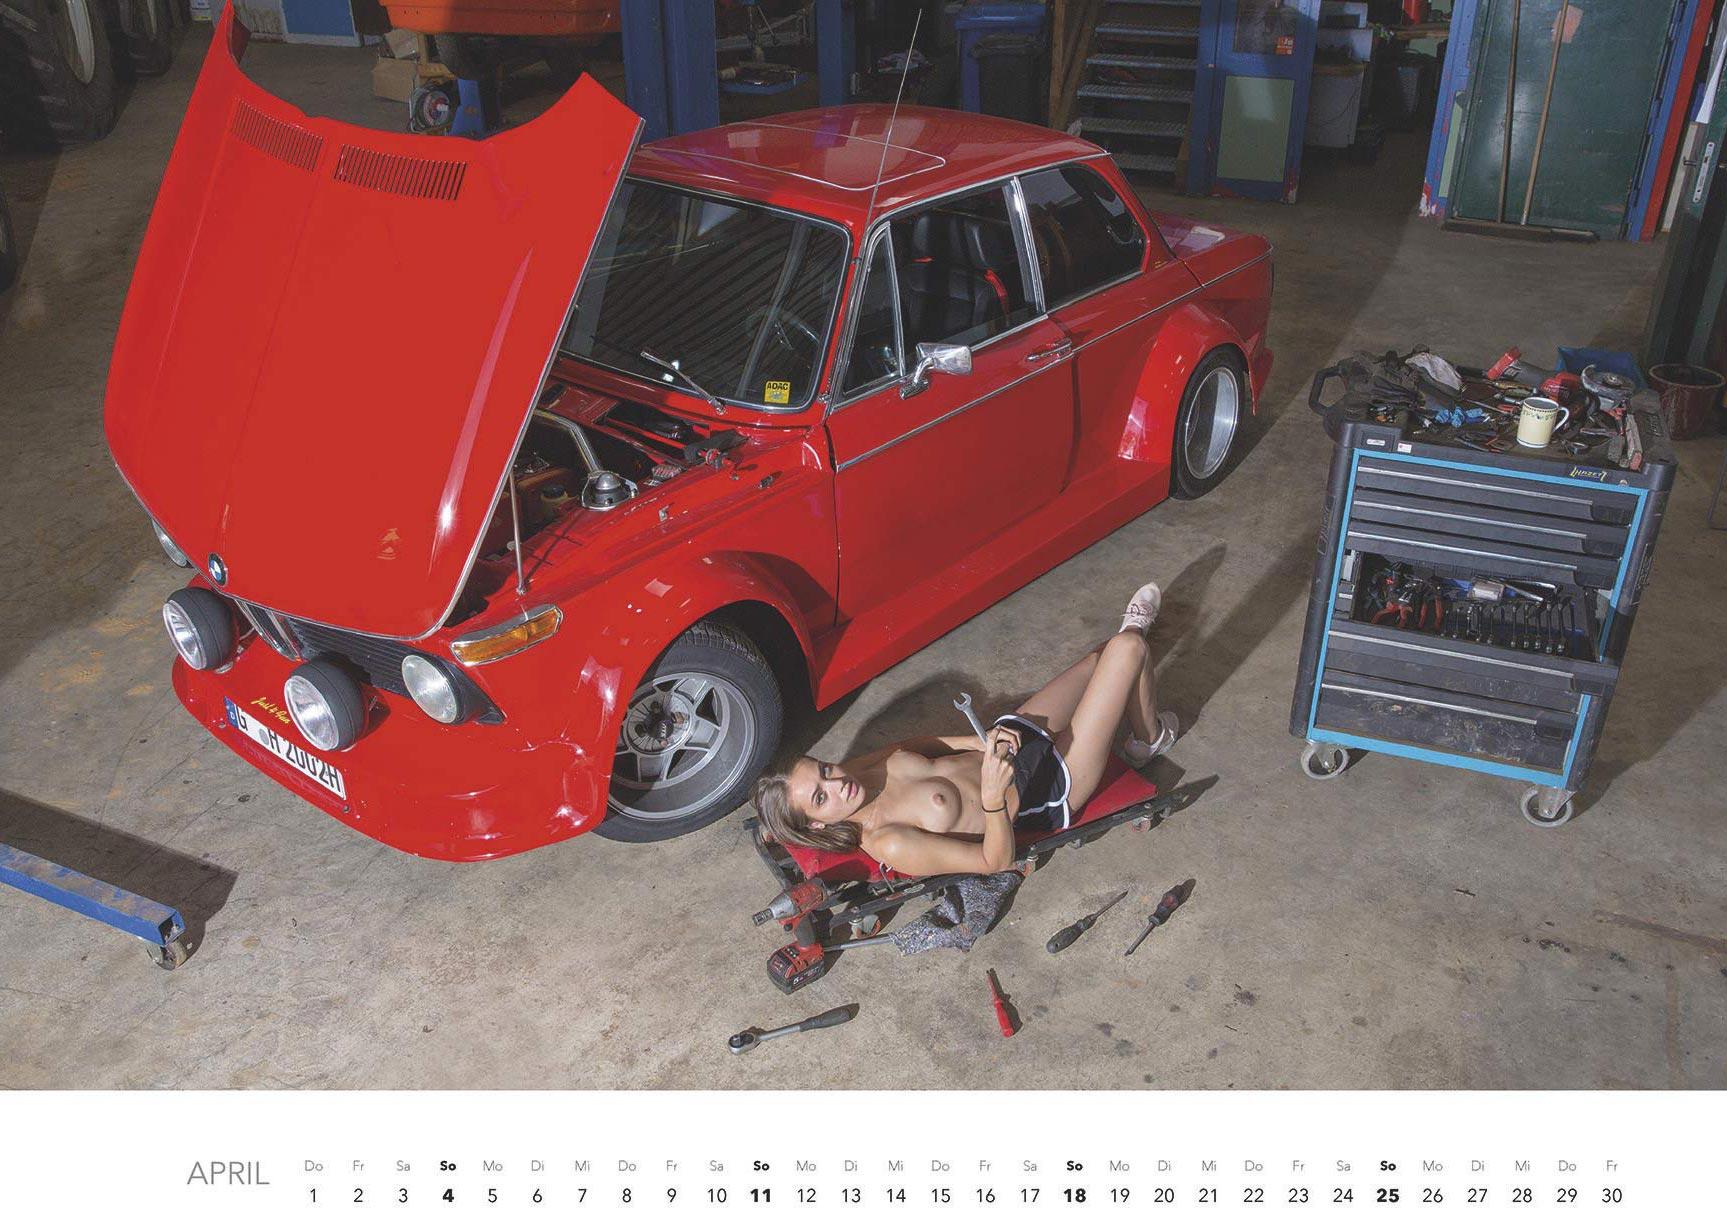 Эротический авто-календарь -Отвертка мечты 2021- / апрель